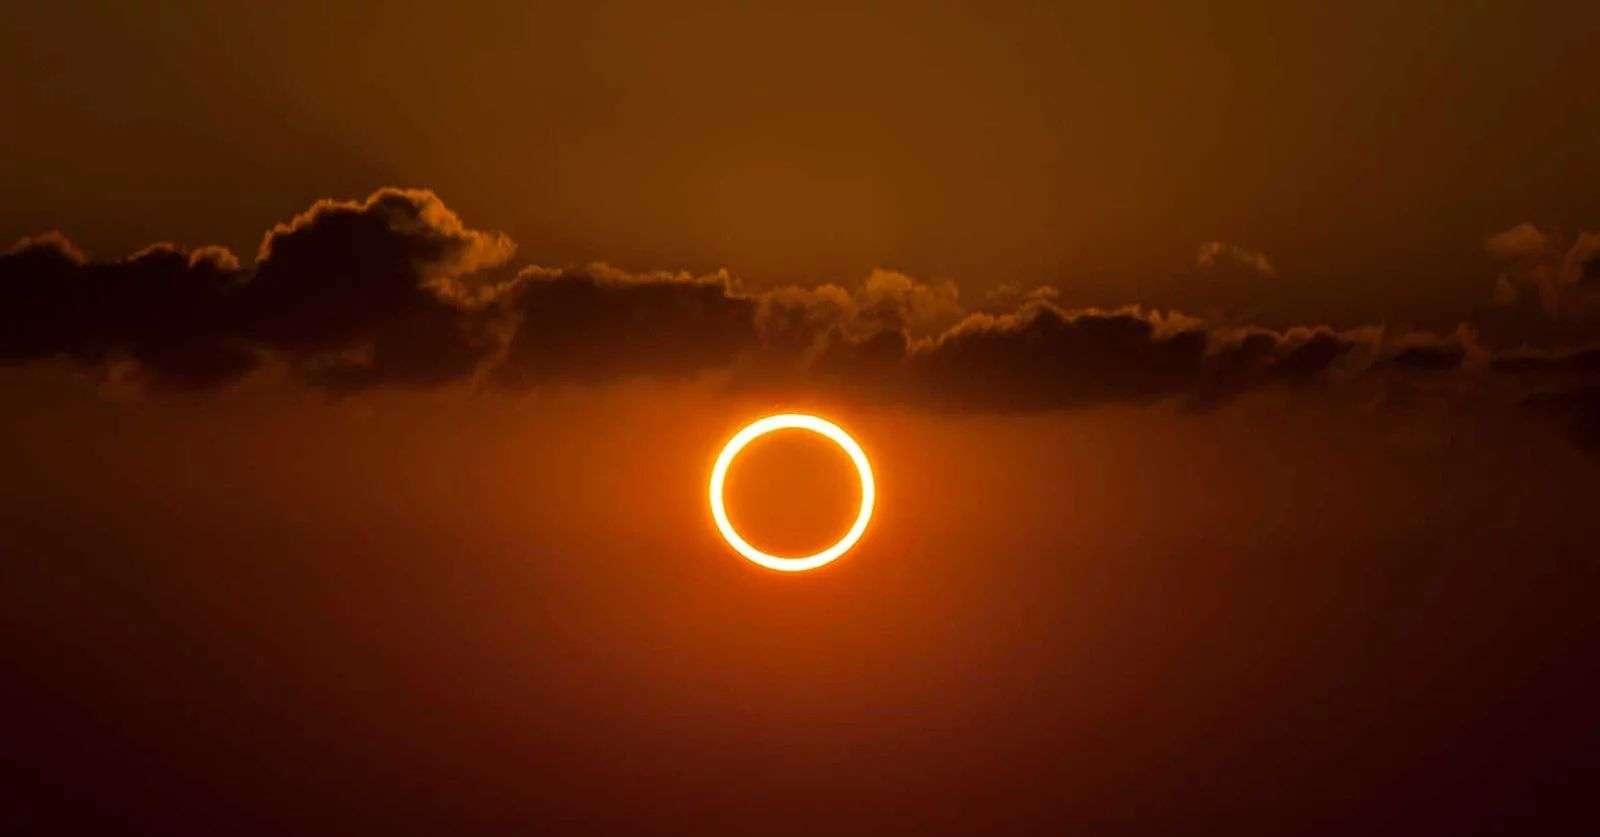 जानें क्या है अलग-अलग देशों की सभ्यताओं में सूर्यग्रहण से जुड़ी अनोखी बातें